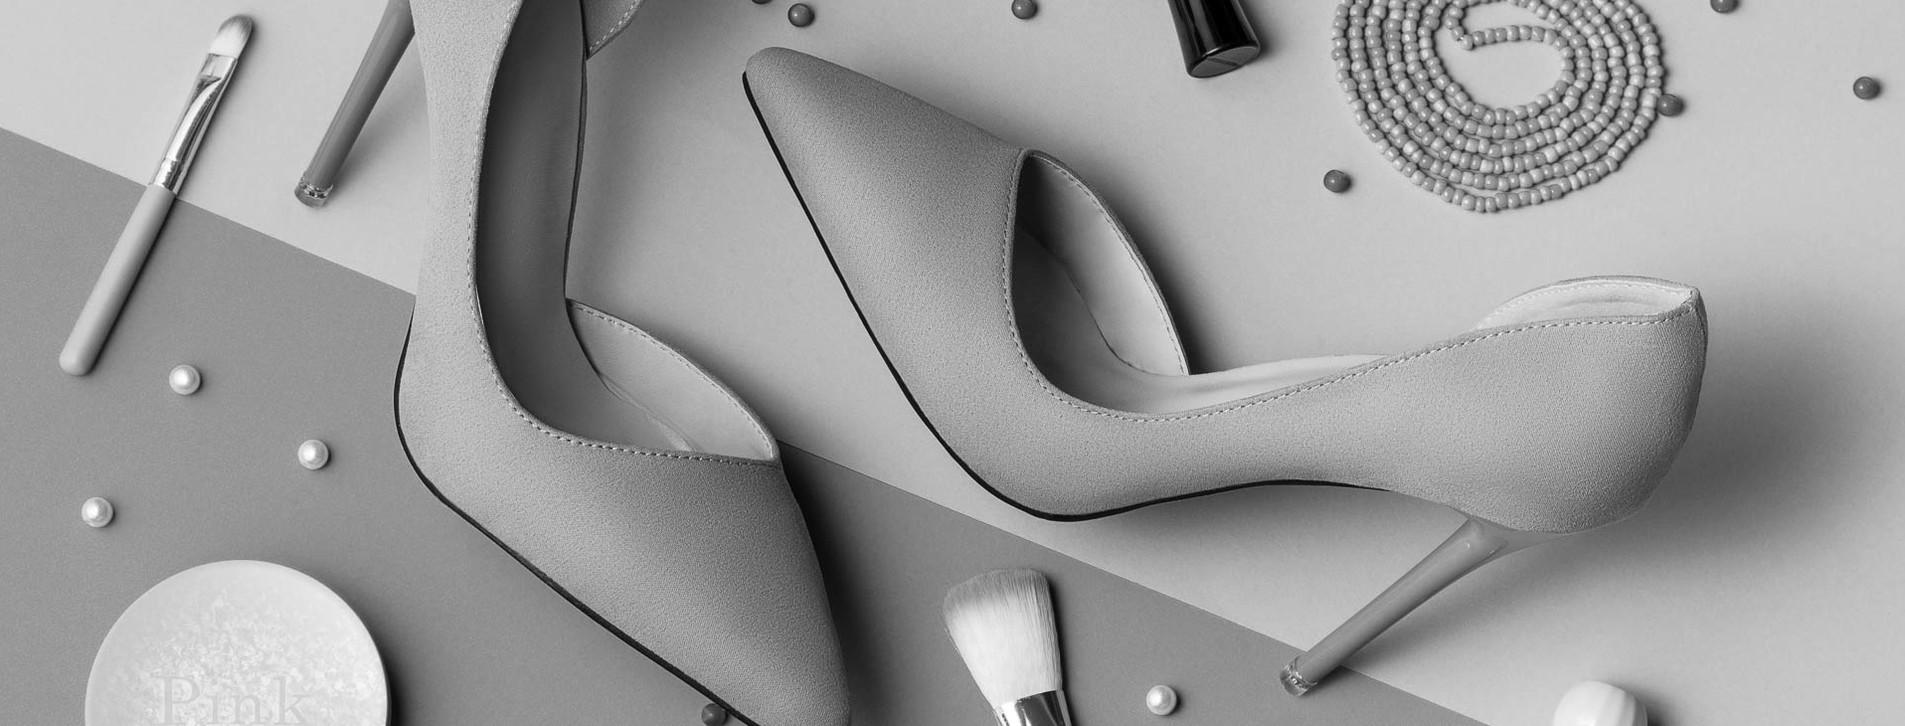 Фото 1 - Индивидуальный пошив женской обуви